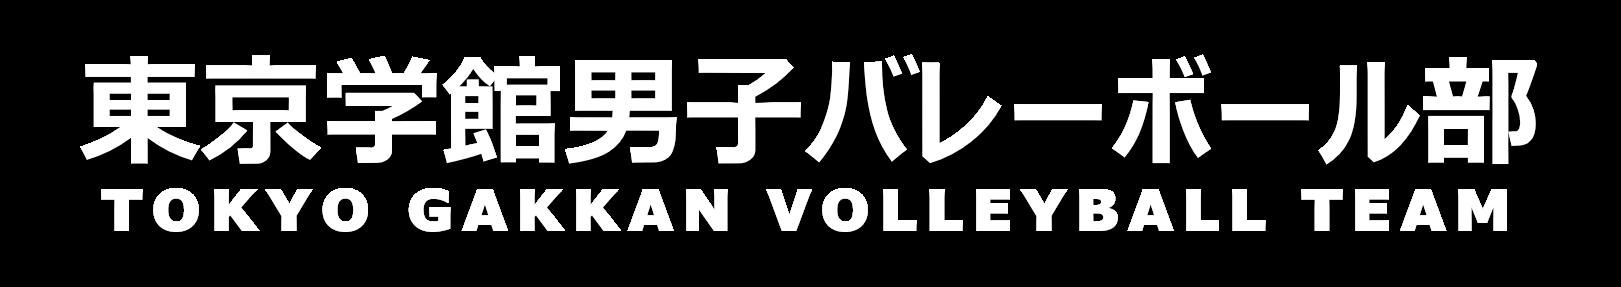 東京学館高校男子バレーボール部